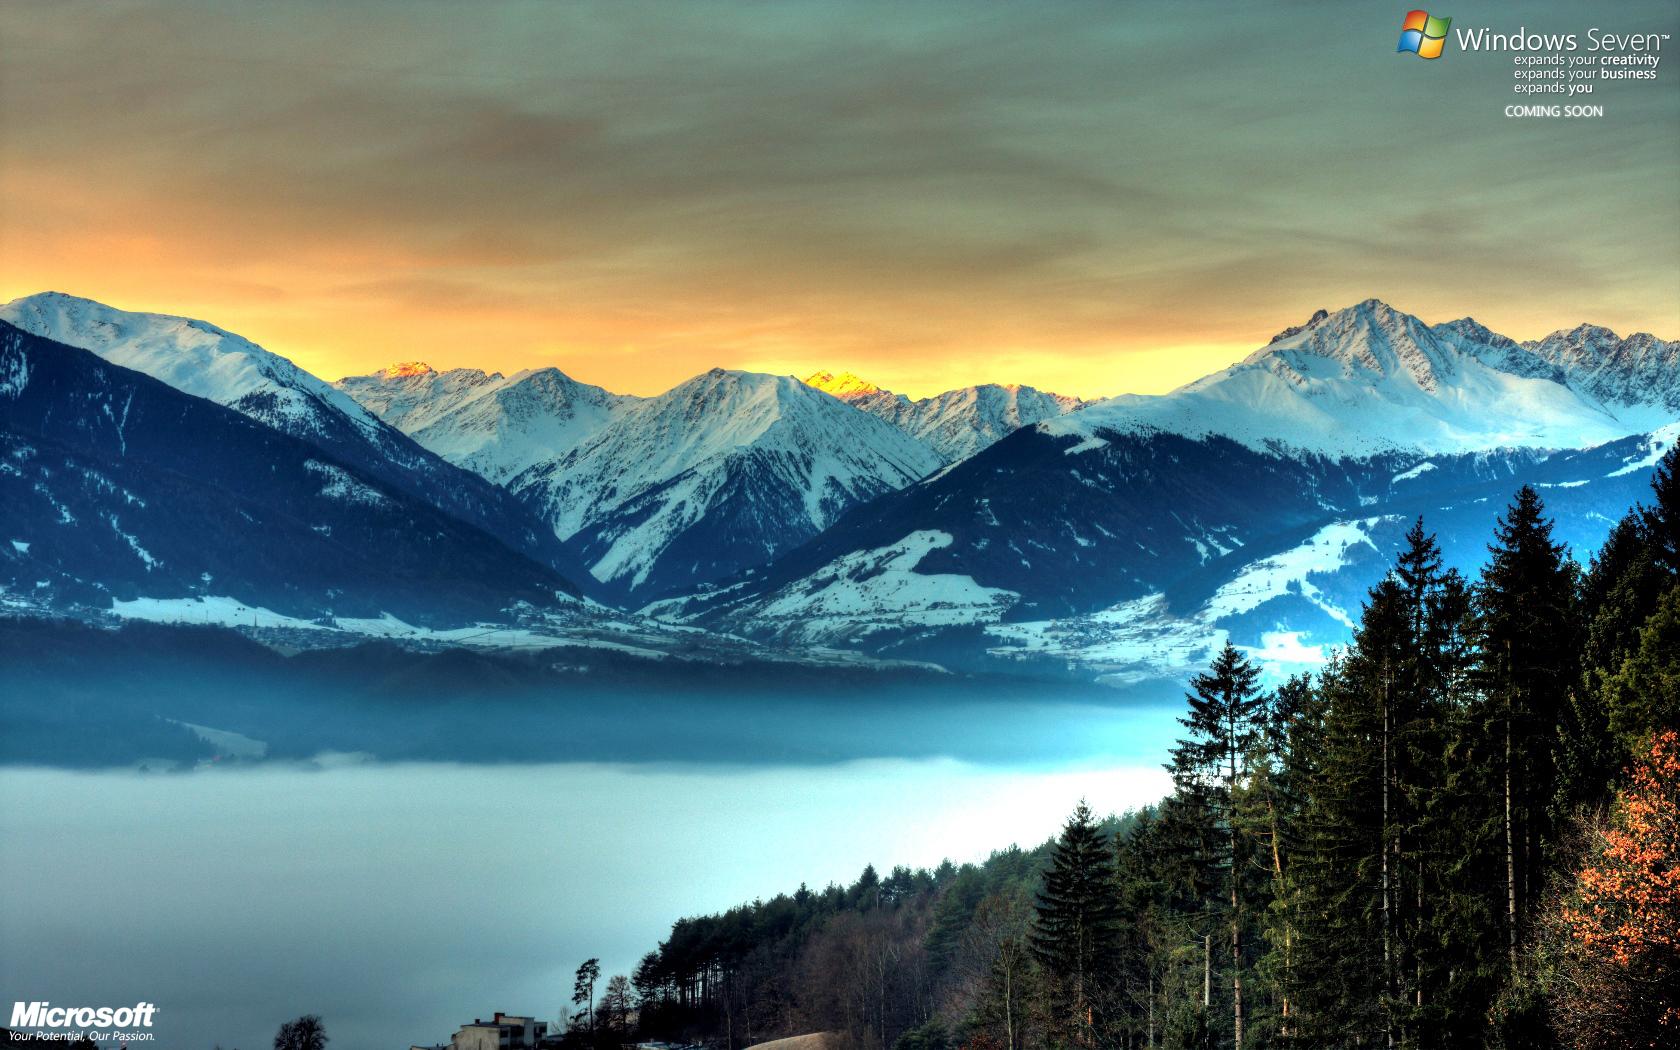 Best Windows 7 Wallpapers HD Collection ImageBankbiz 1680x1050